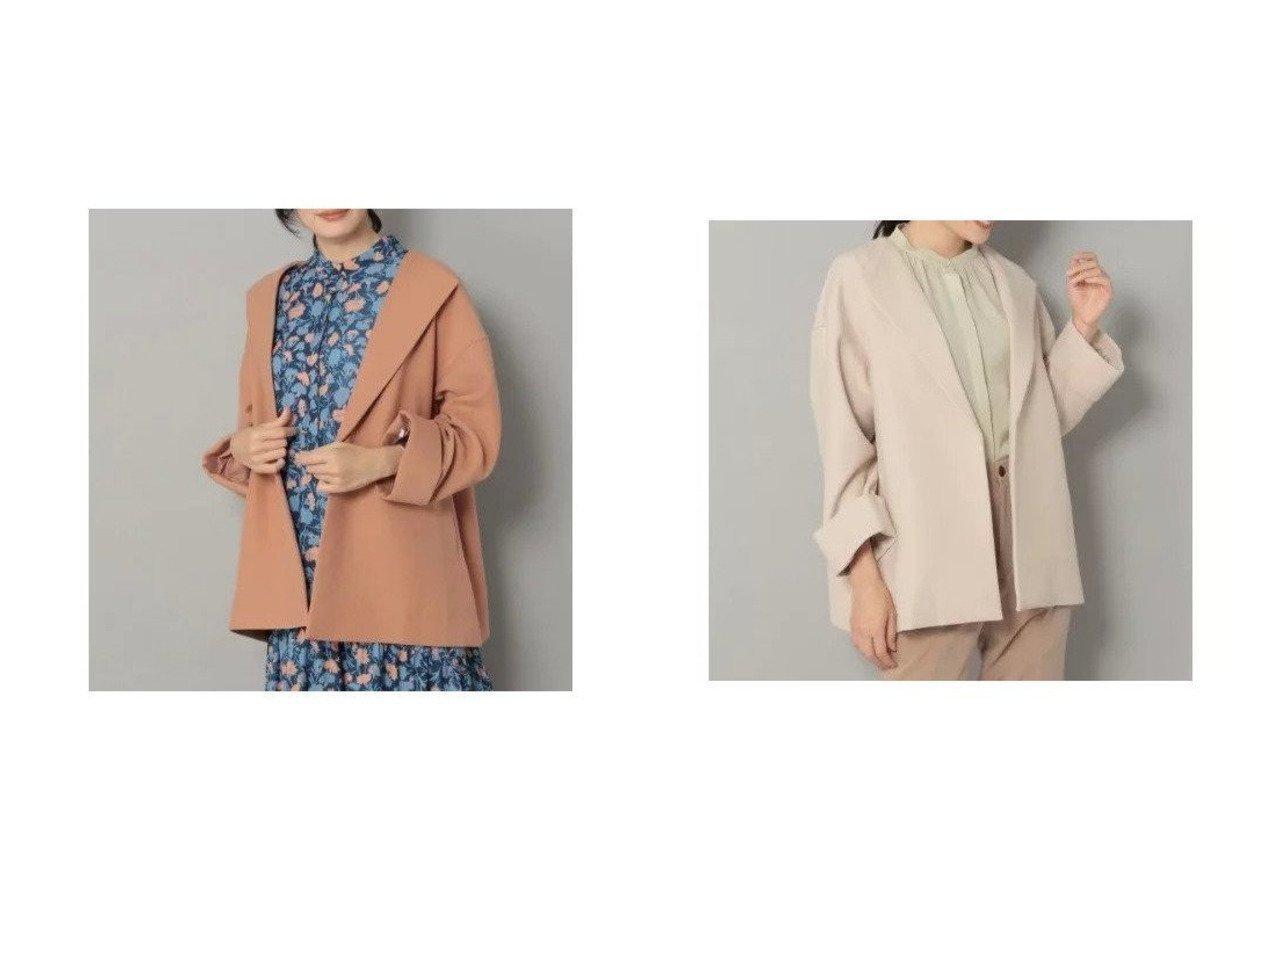 【Elura/エルーラ】のカラーレスショートコート アウターのおすすめ!人気、トレンド・レディースファッションの通販 おすすめで人気の流行・トレンド、ファッションの通販商品 メンズファッション・キッズファッション・インテリア・家具・レディースファッション・服の通販 founy(ファニー) https://founy.com/ ファッション Fashion レディースファッション WOMEN アウター Coat Outerwear コート Coats ジャケット Jackets おすすめ Recommend ショルダー ショート シンプル ジャケット ダブル ドロップ バランス パターン マキシ ロング  ID:crp329100000022710